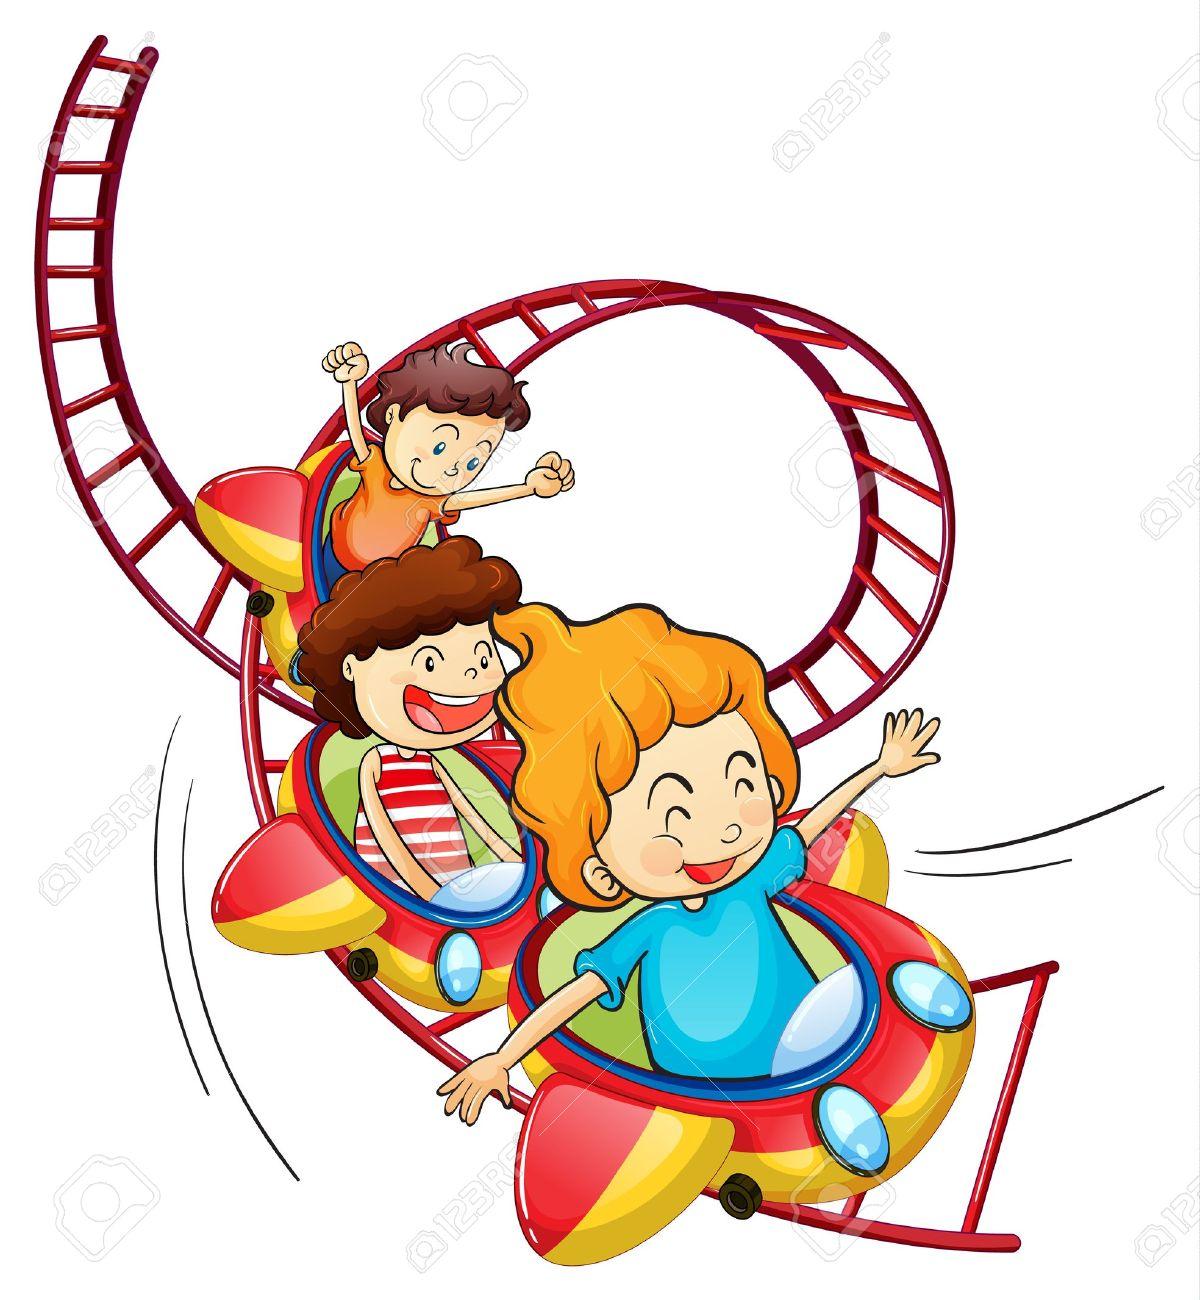 illustration of three children riding in a roller coaster on rh 123rf com roller coaster clip art free roller coaster clipart free